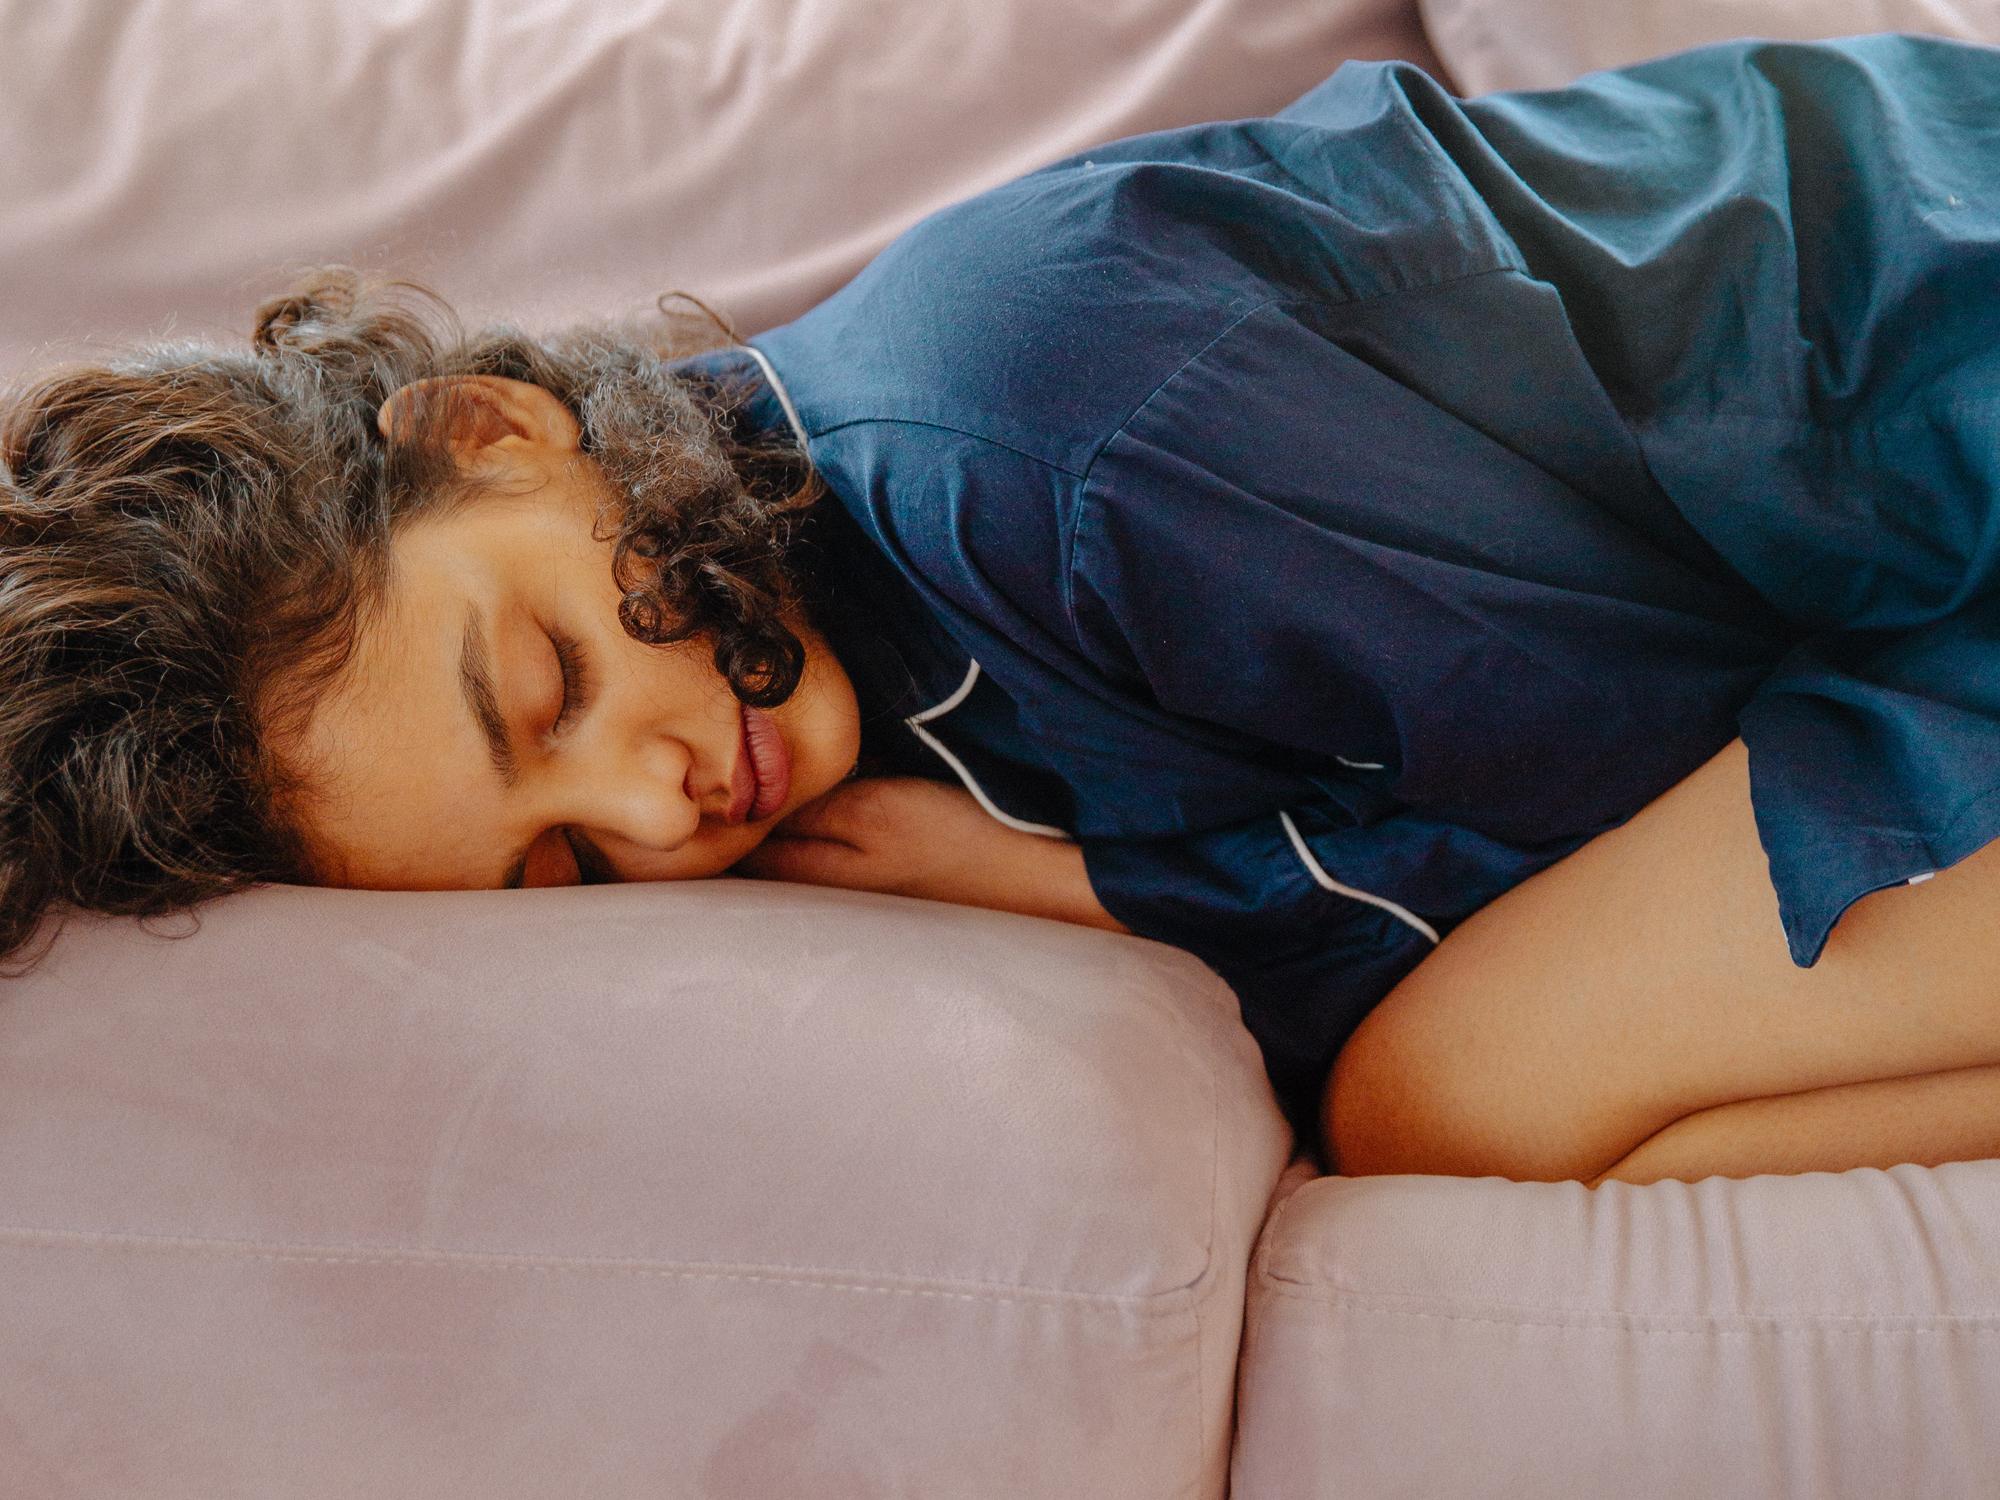 Pas de netflix, du bien-être - 6 tuyaux pour préférer votre tapis à votre canapé